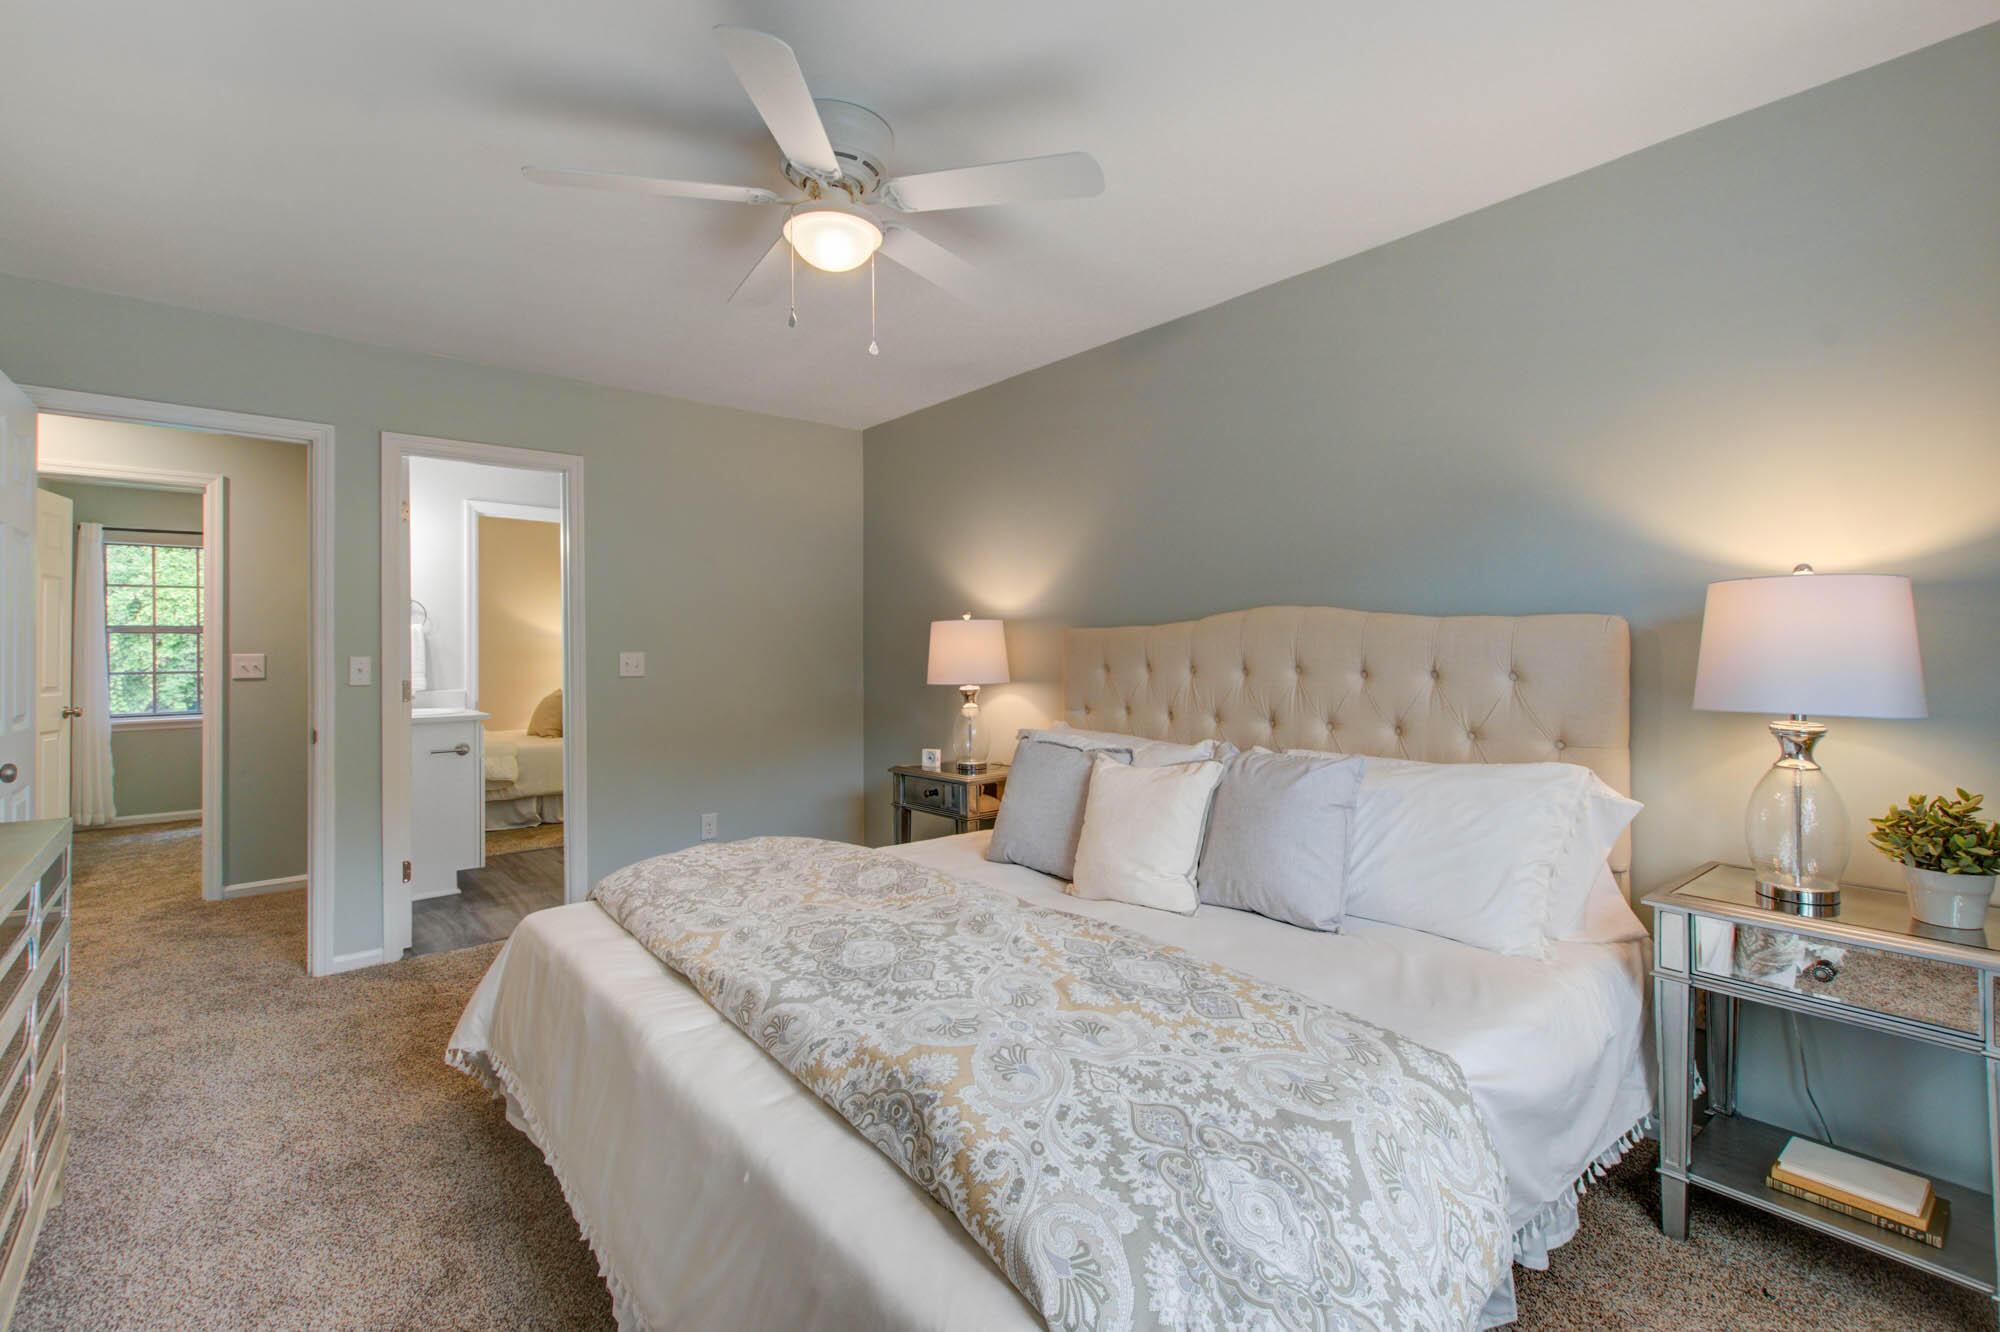 Wando East Homes For Sale - 1534 Nantahala, Mount Pleasant, SC - 8